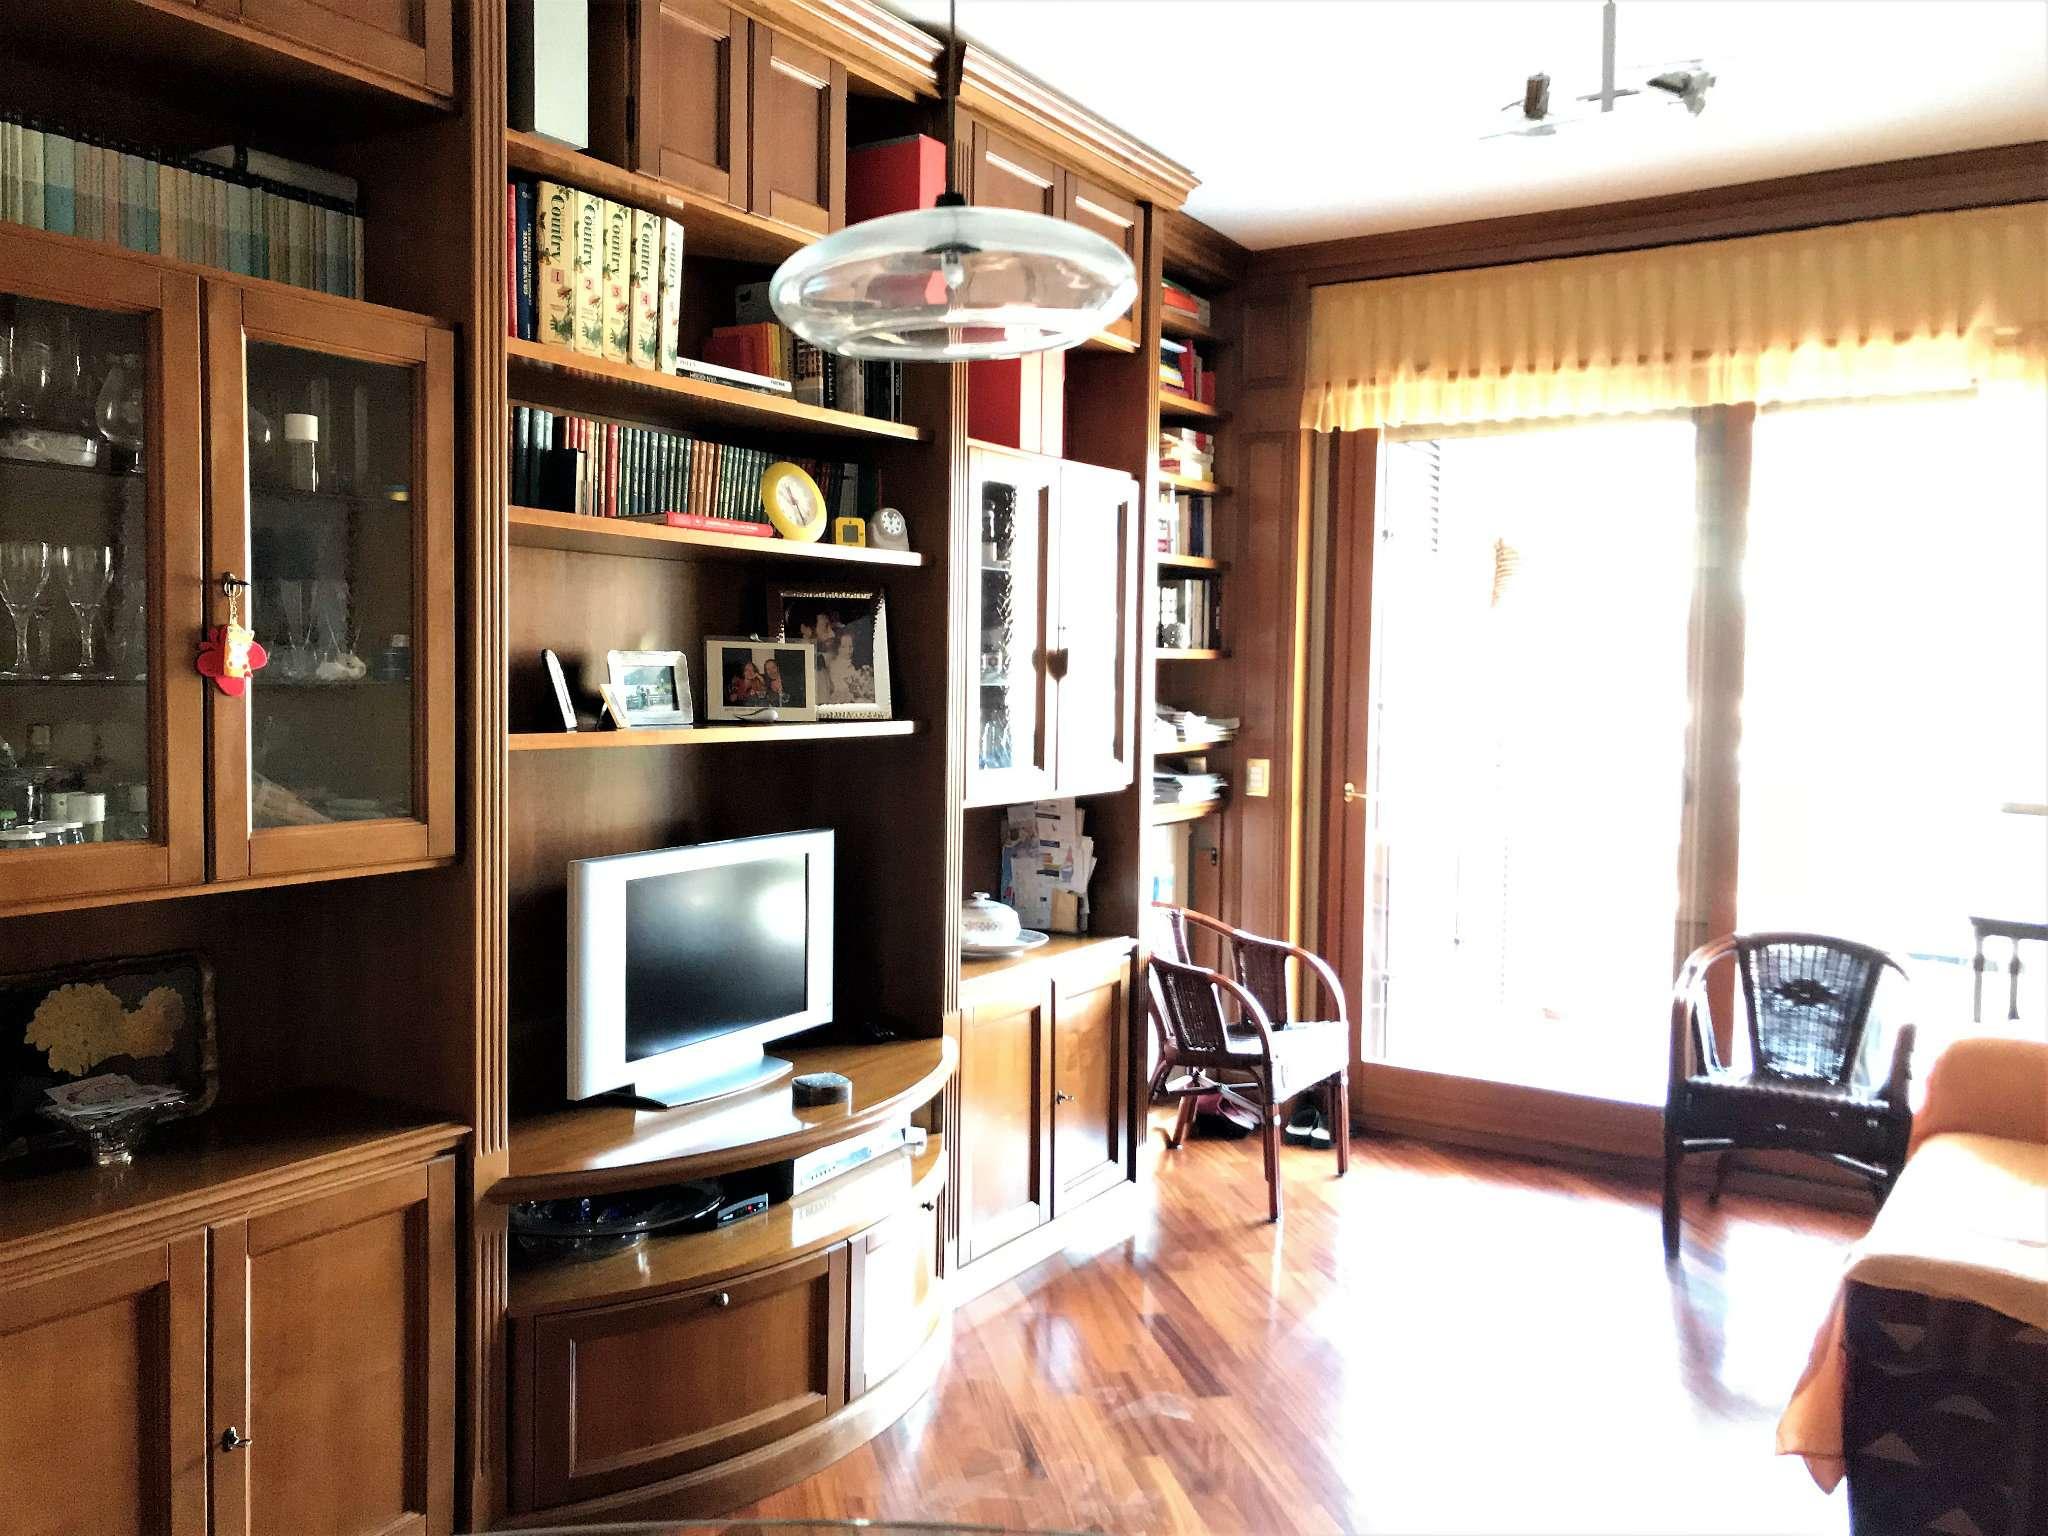 boiserie legno pareti - Elenchi e prezzi di Vendita - Pagina 6 - Waa2